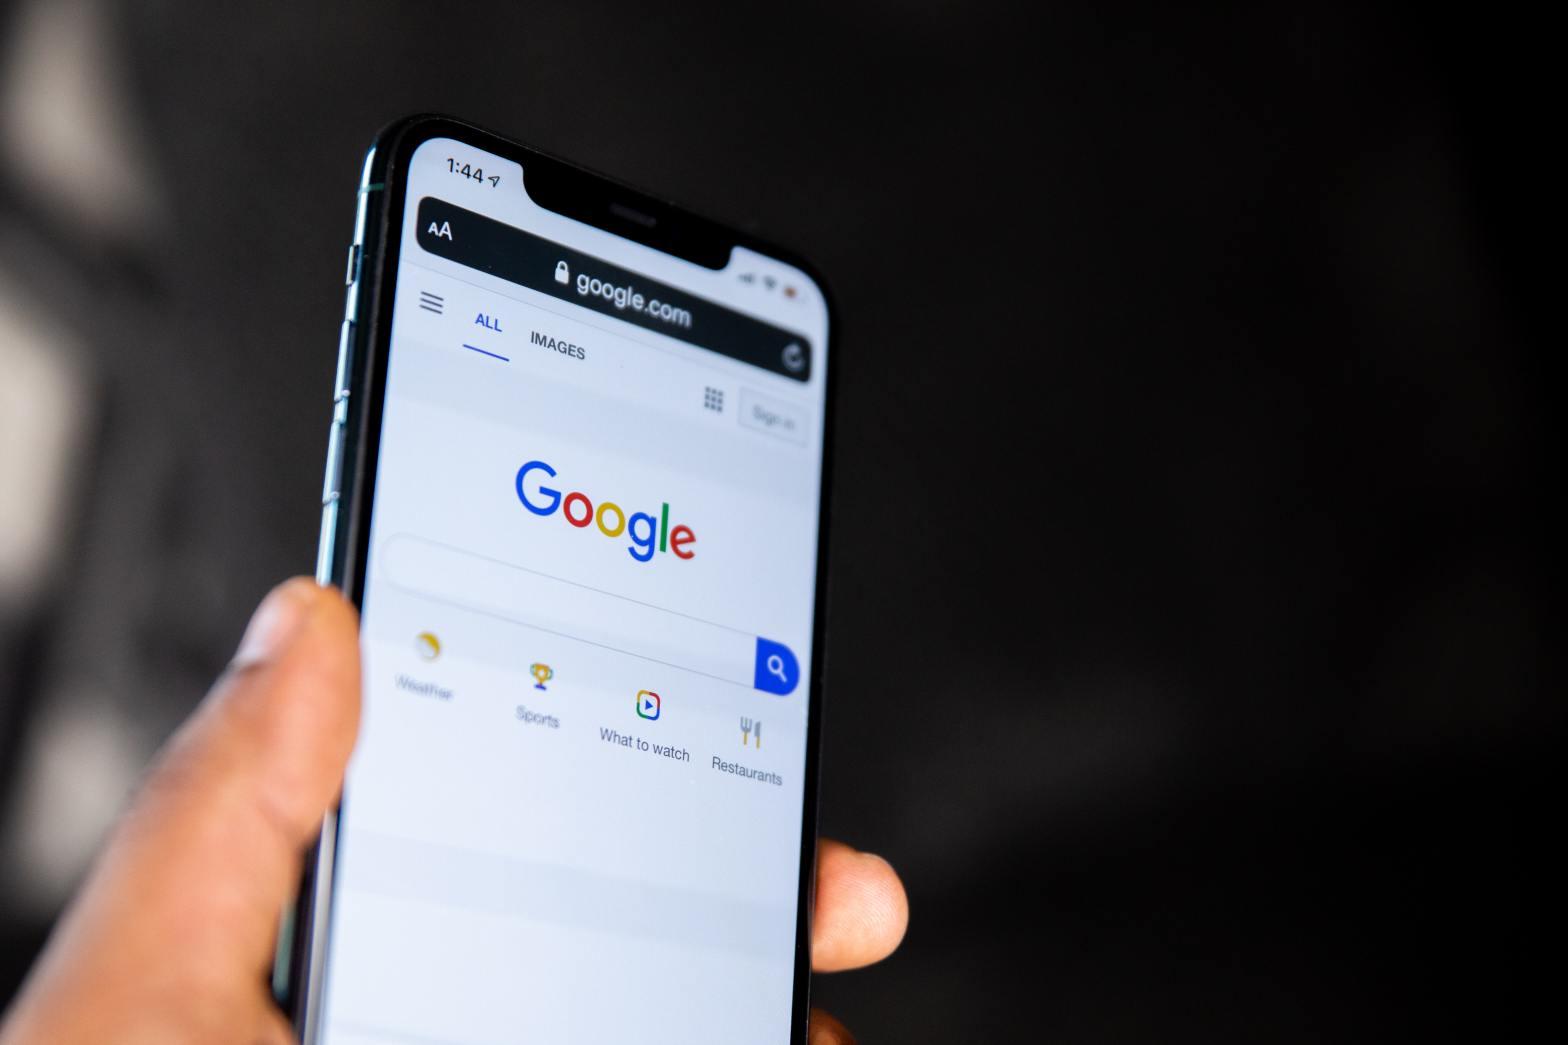 Educação termos mais buscados no Google durante a quarentena